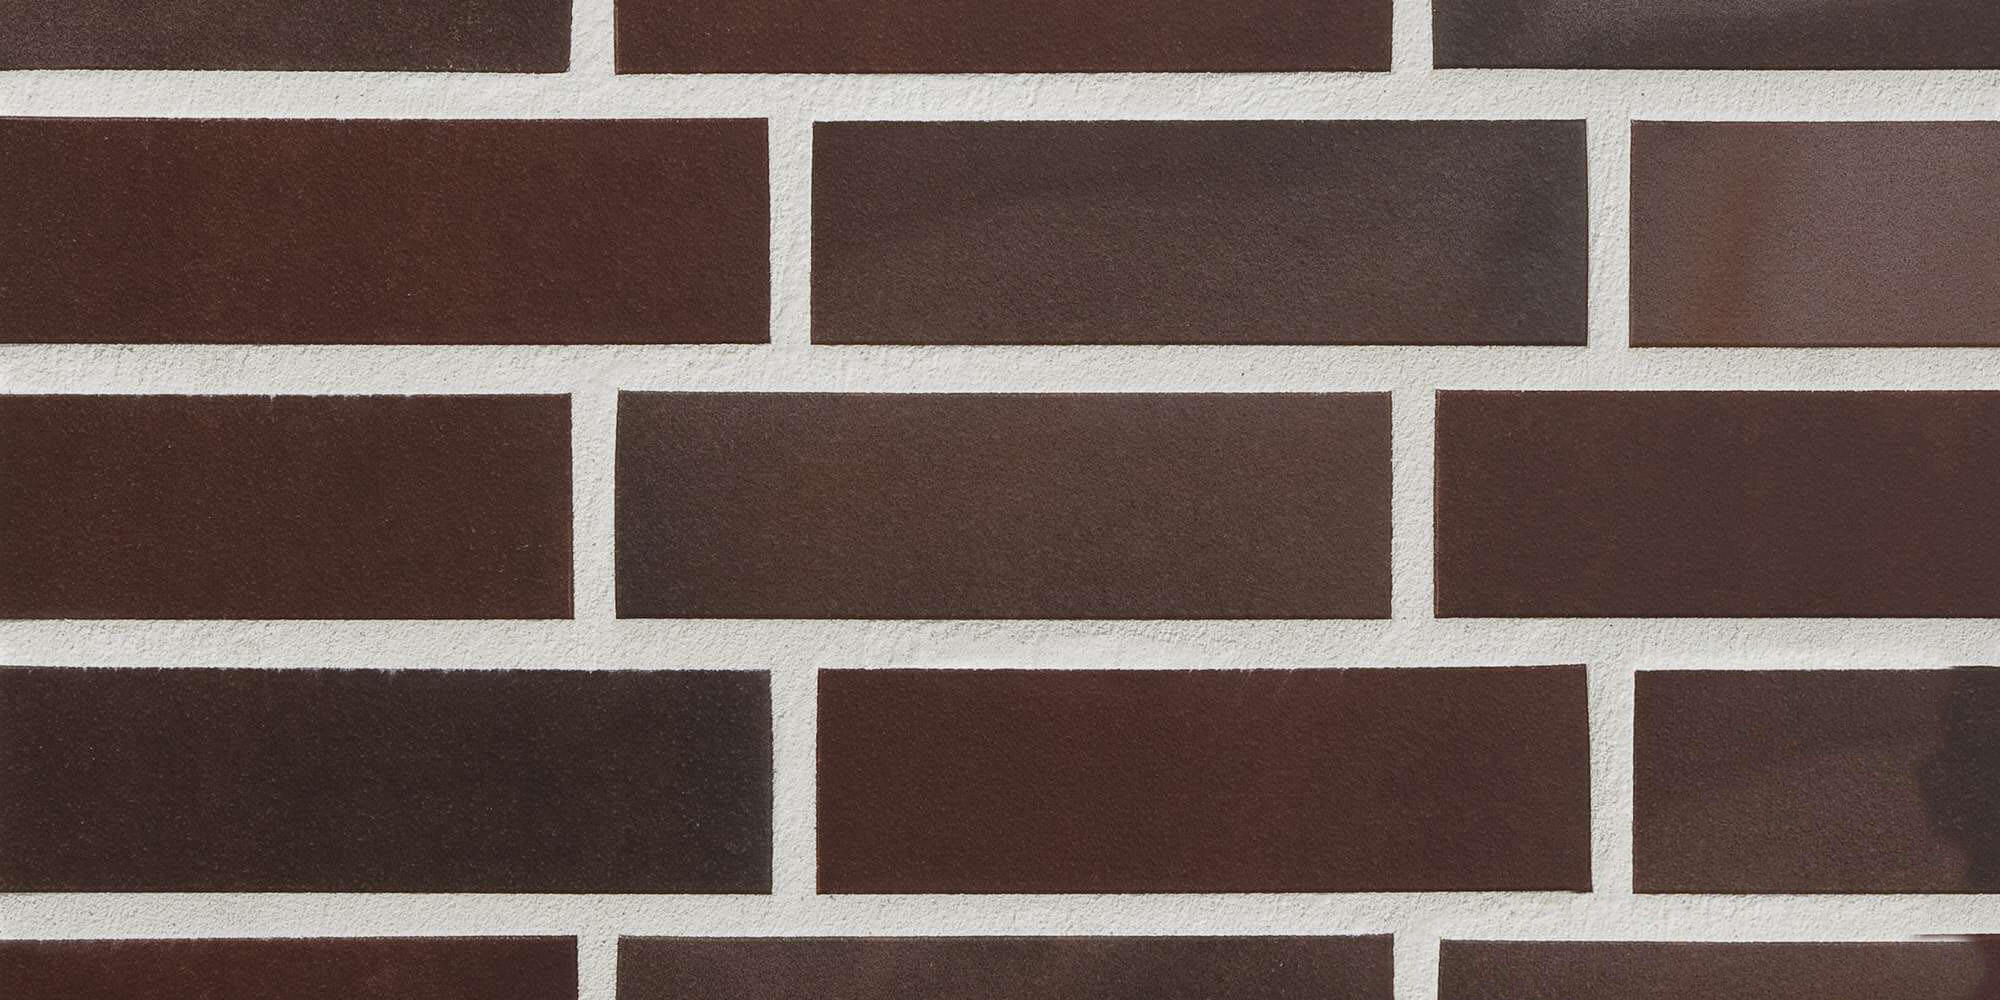 Stroeher - 825 sherry, Keravette shine, glasiert, глазурованная, гладкая, 240x52x8 - Клинкерная плитка для фасада и внутренней отделки